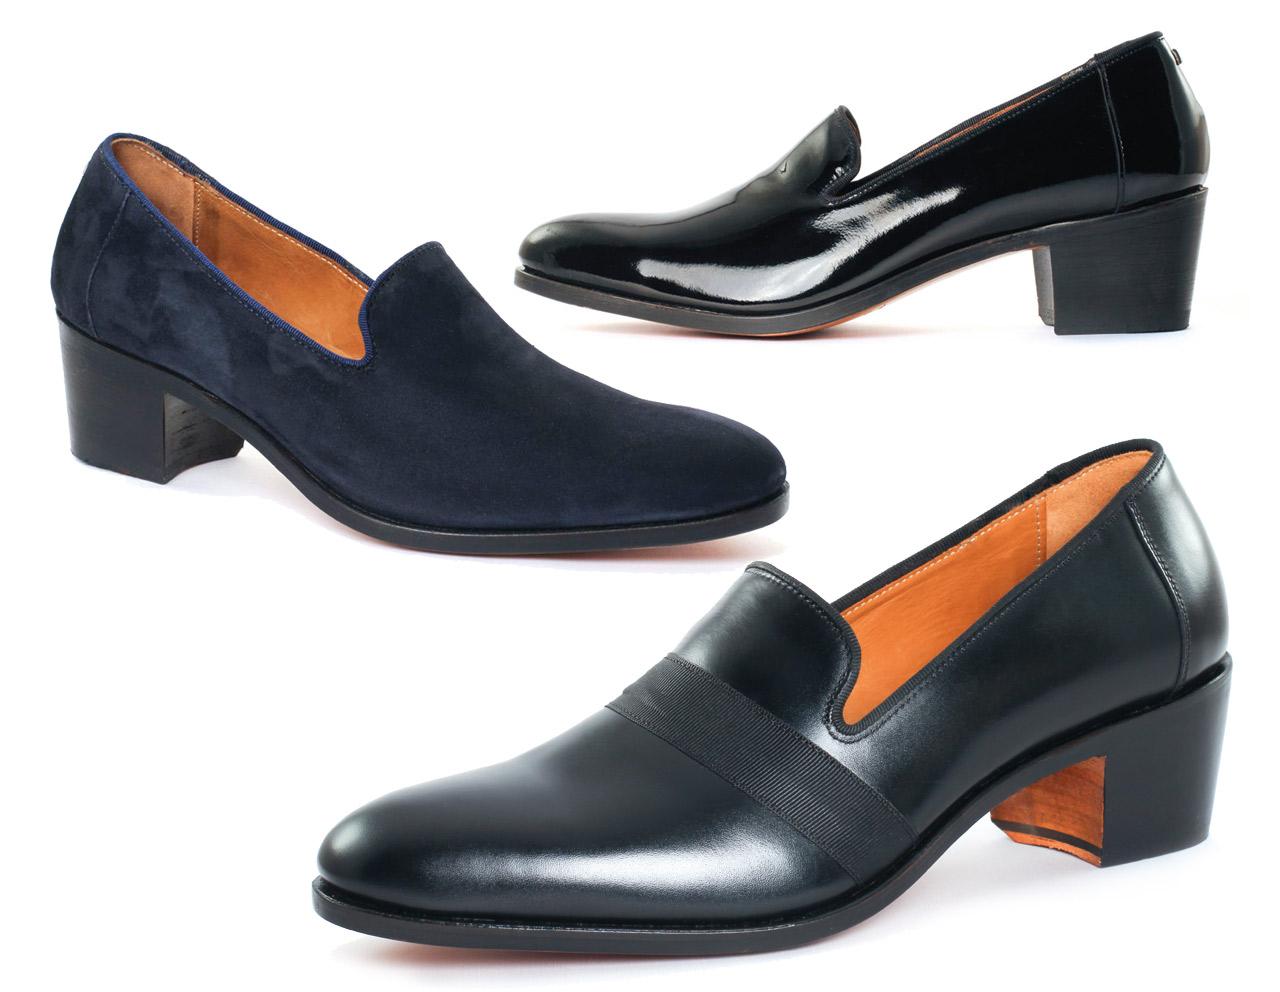 Chaussures à talon haut pour homme | LE NÔTRE Royal Navy | Vernis Noir | Calf Noir